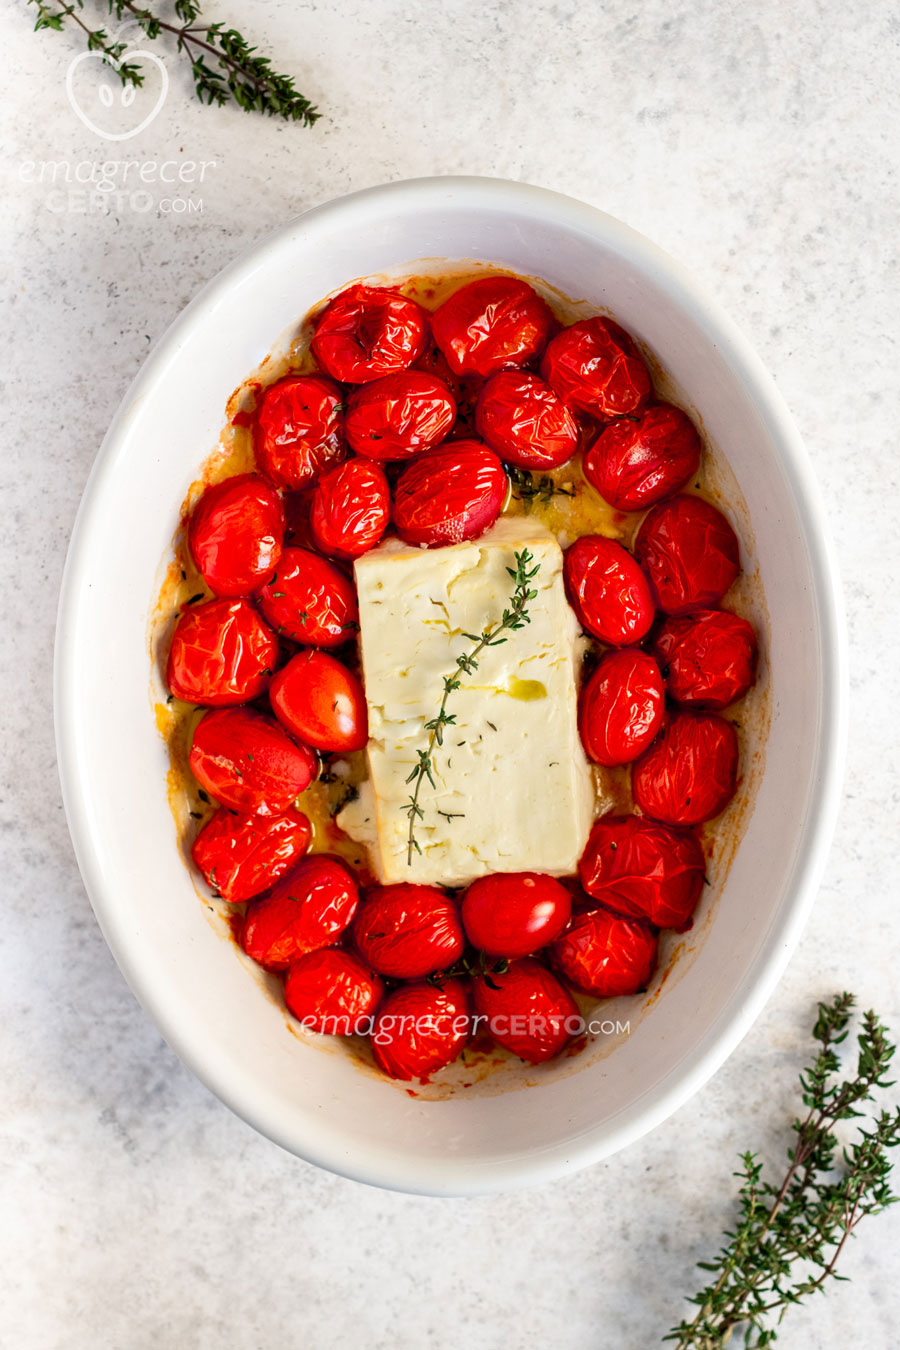 Queijo feta assado com tomate cereja - Emagrecer Certo